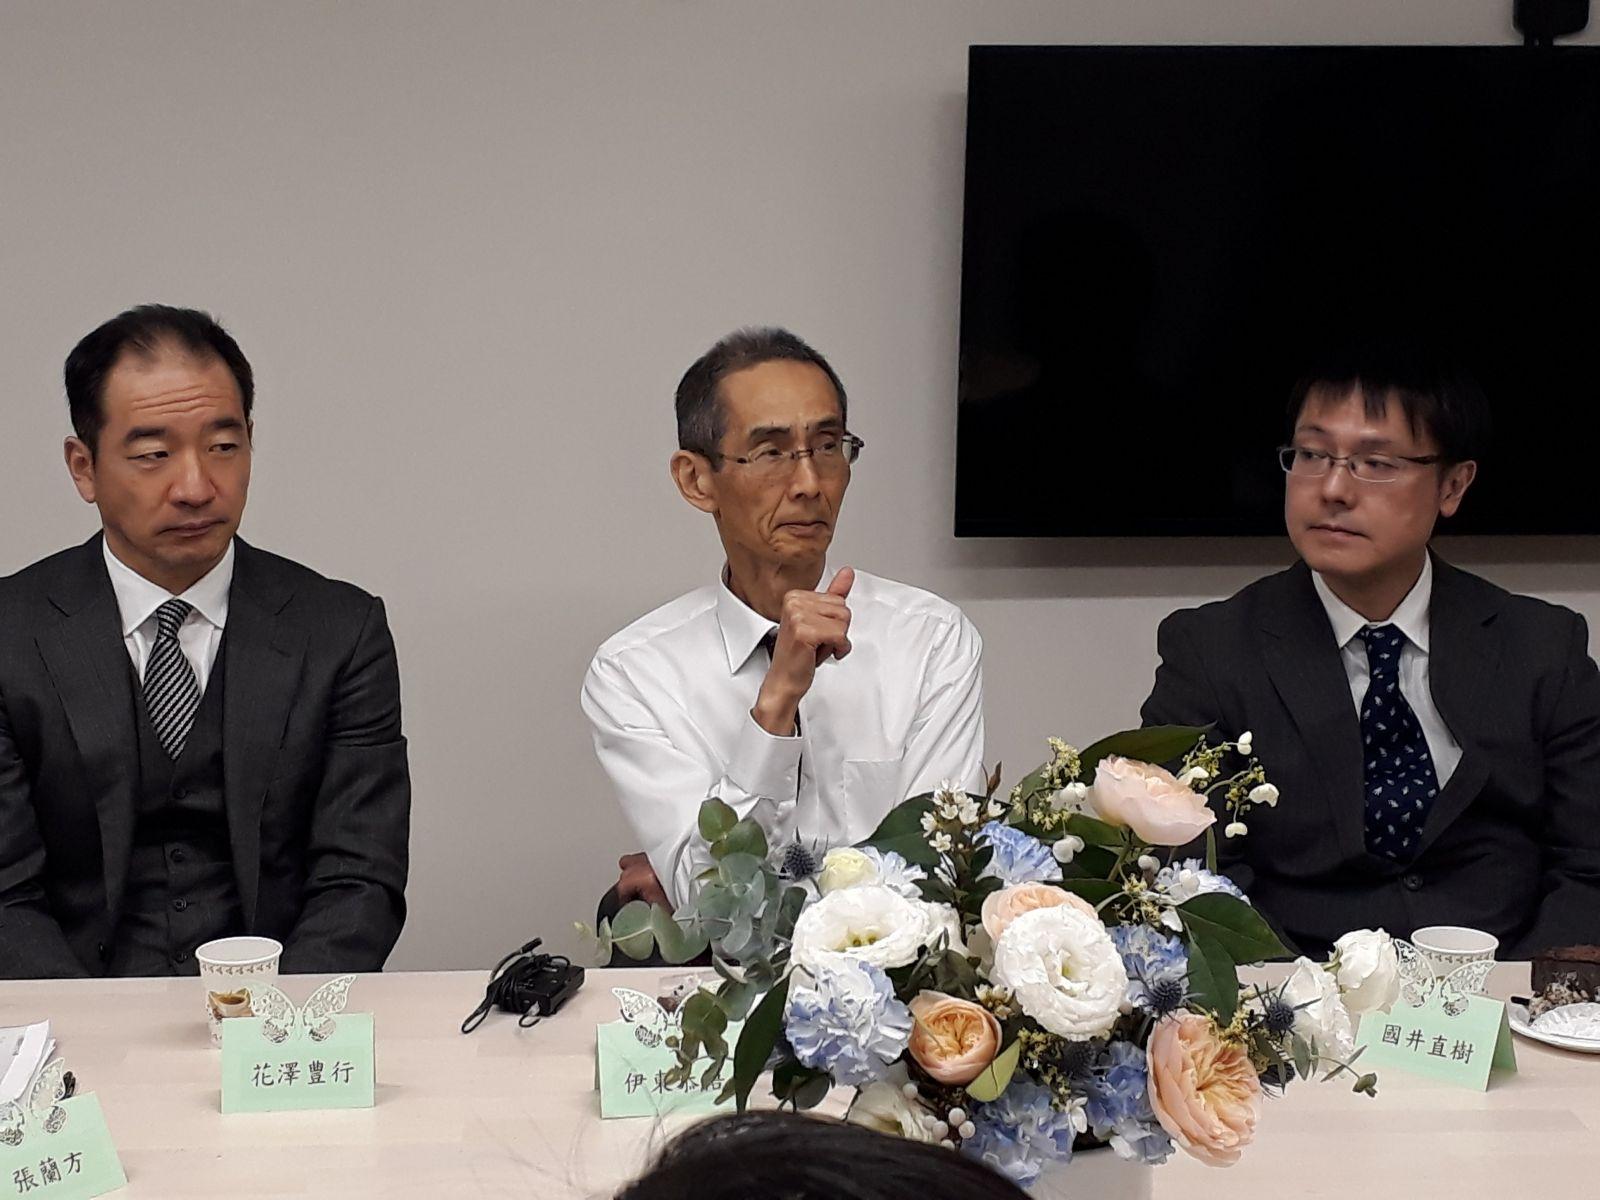 免疫細胞療法是癌症希望?日本醫師分享經驗